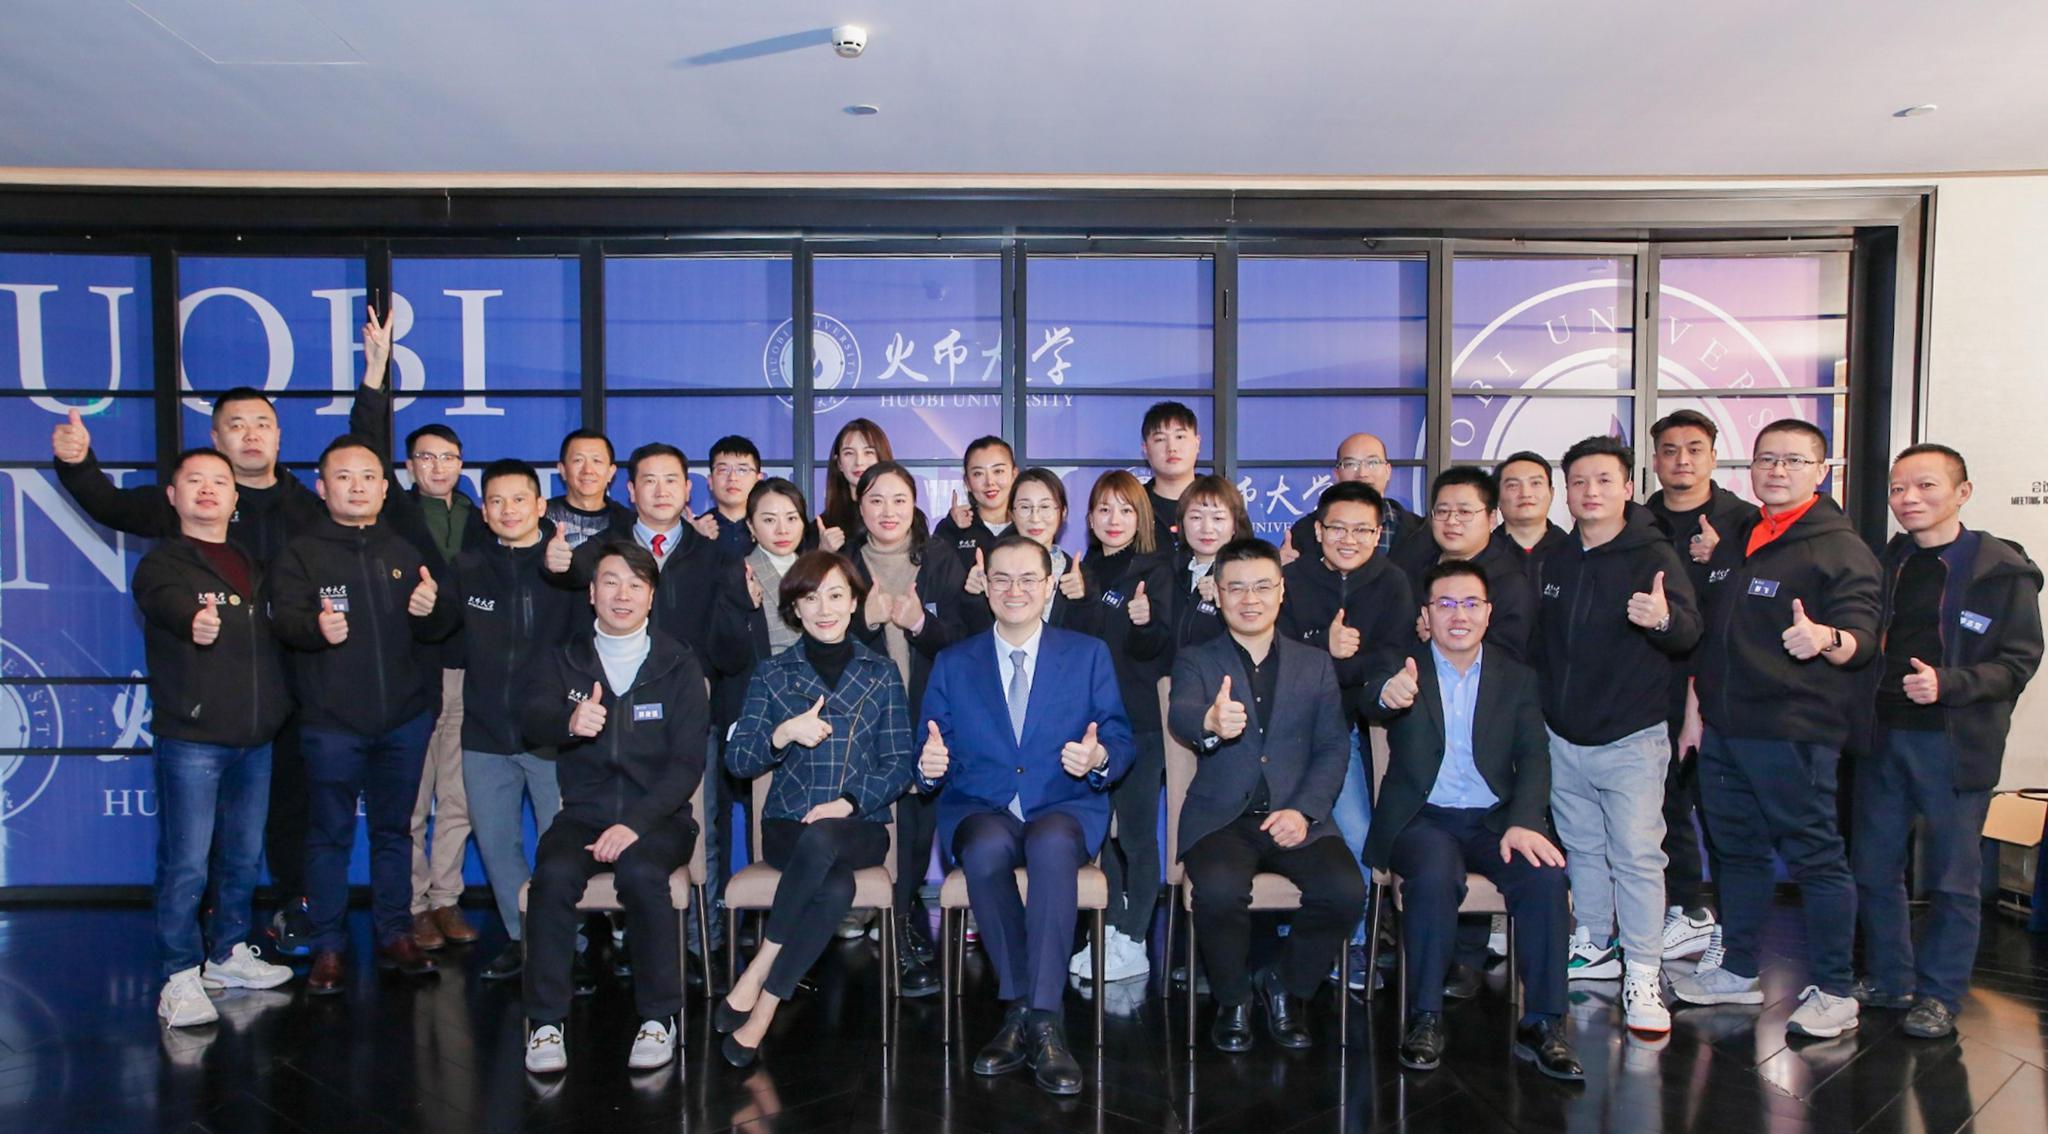 火币大学全球区块链领导者课程培养顶级区块链企业家